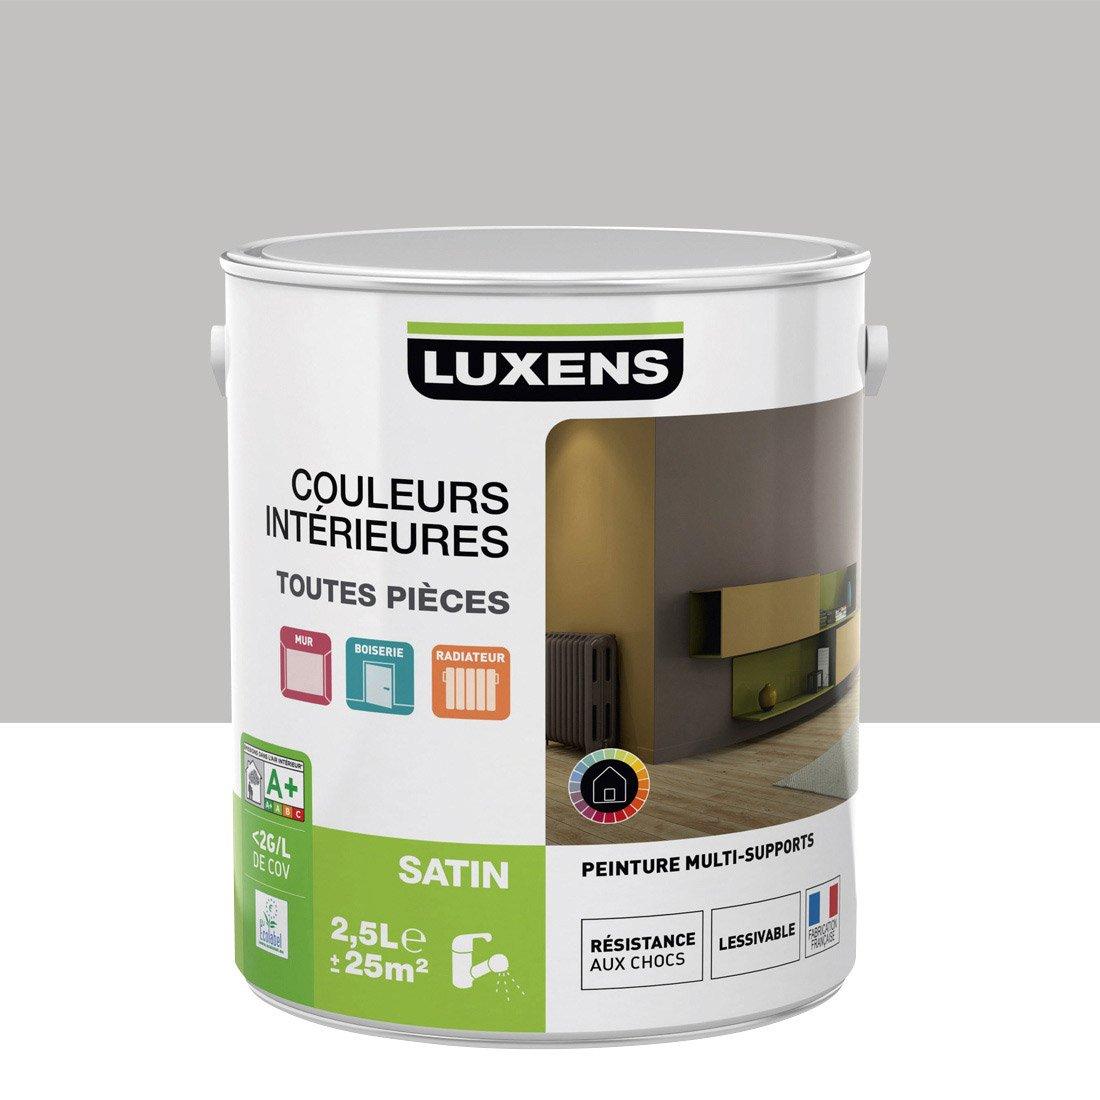 peinture gris galet 5 satin luxens couleurs intrieures satin 25 l